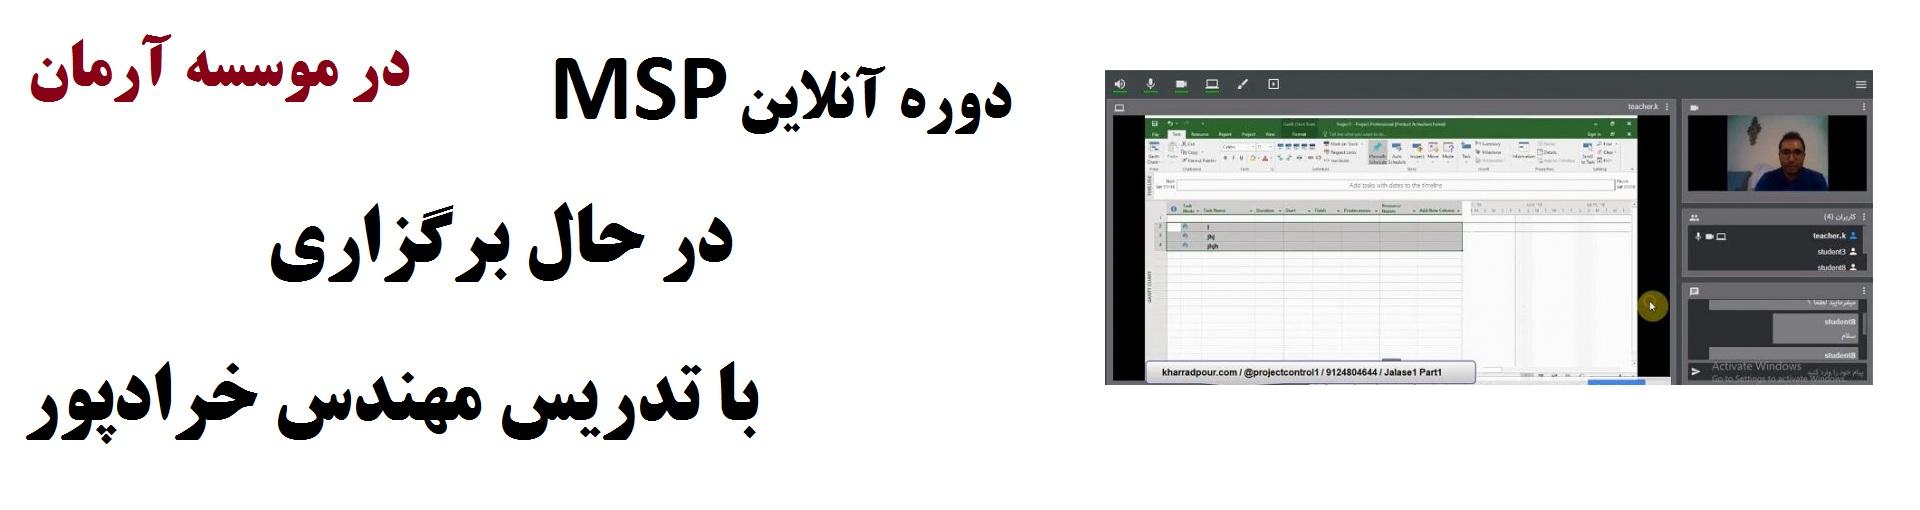 دوره آنلاین MSP در حال برگزاری